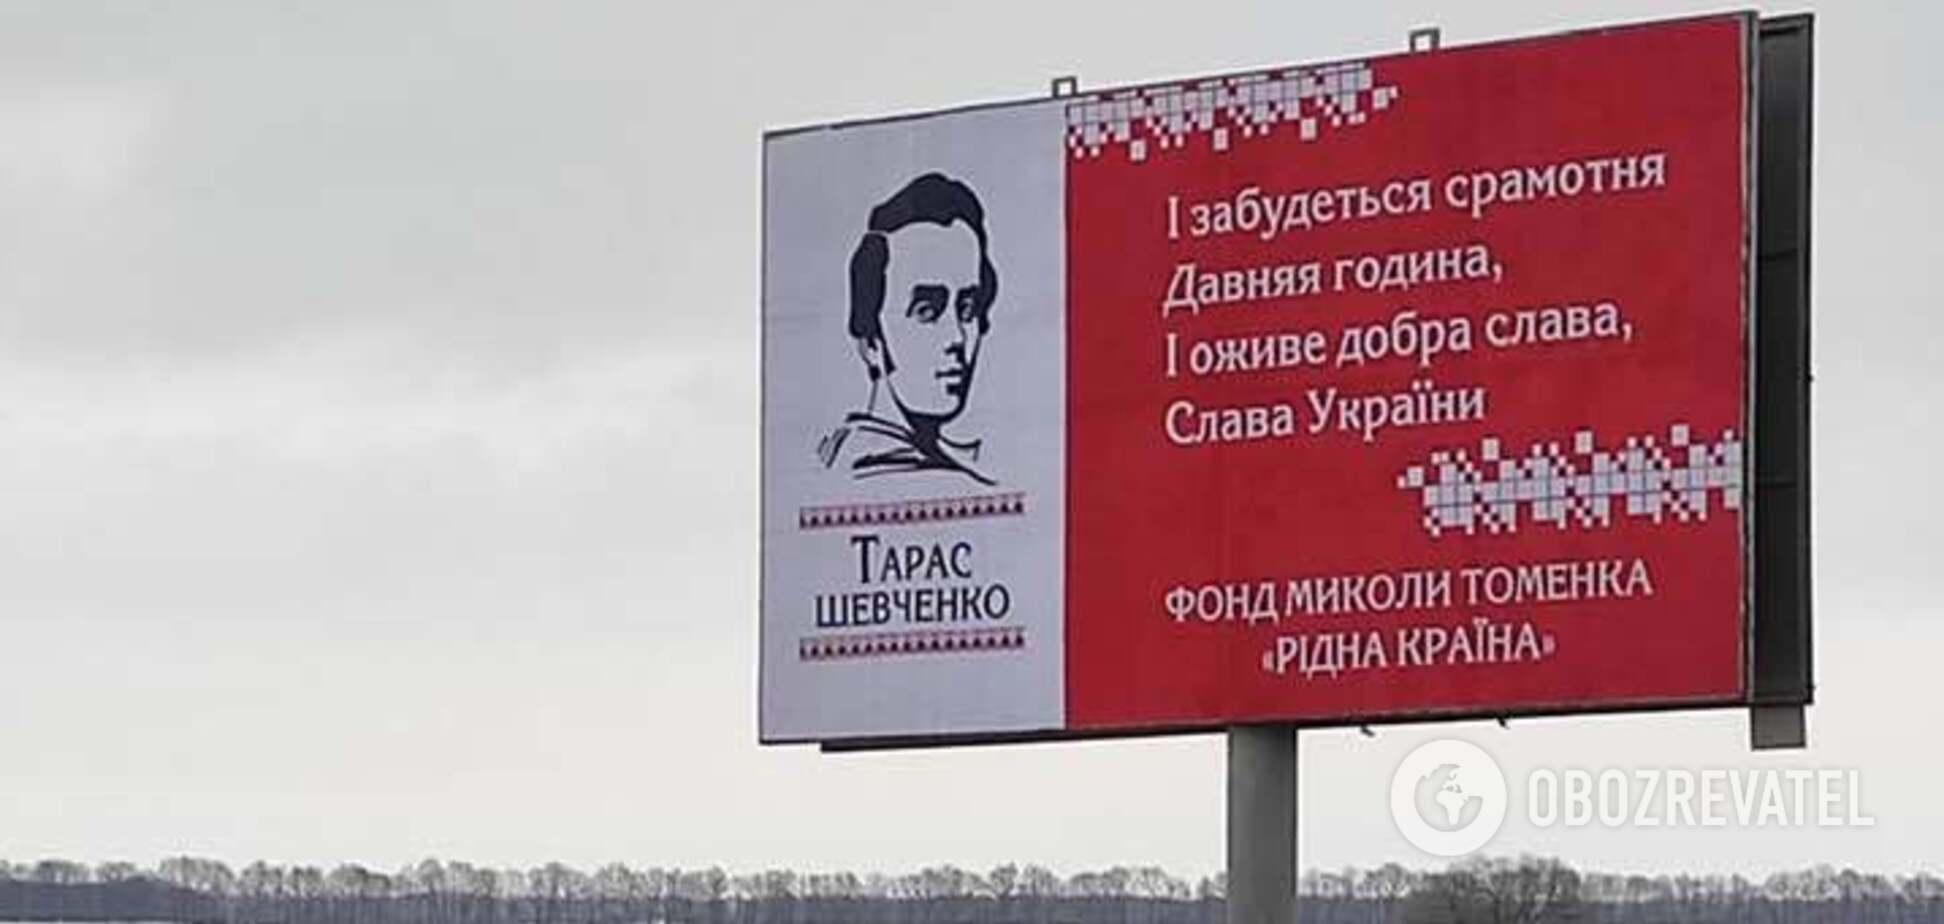 Із Шевченком та Україною в серці